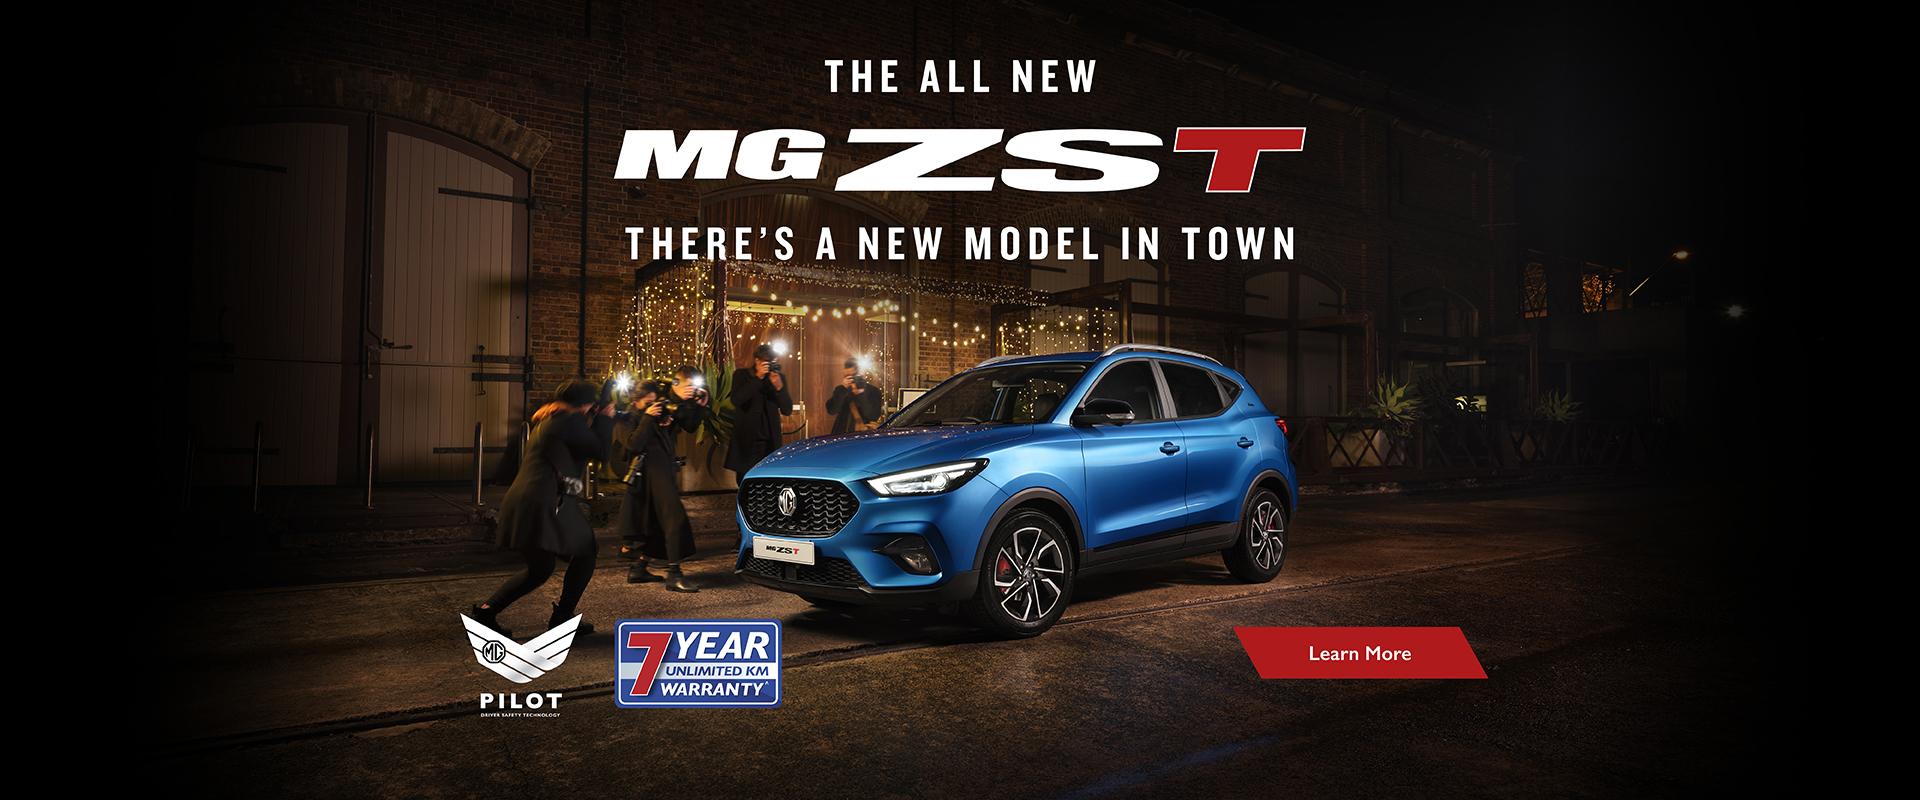 2021 MG ZST Specs & Pricing - MG Parramatta